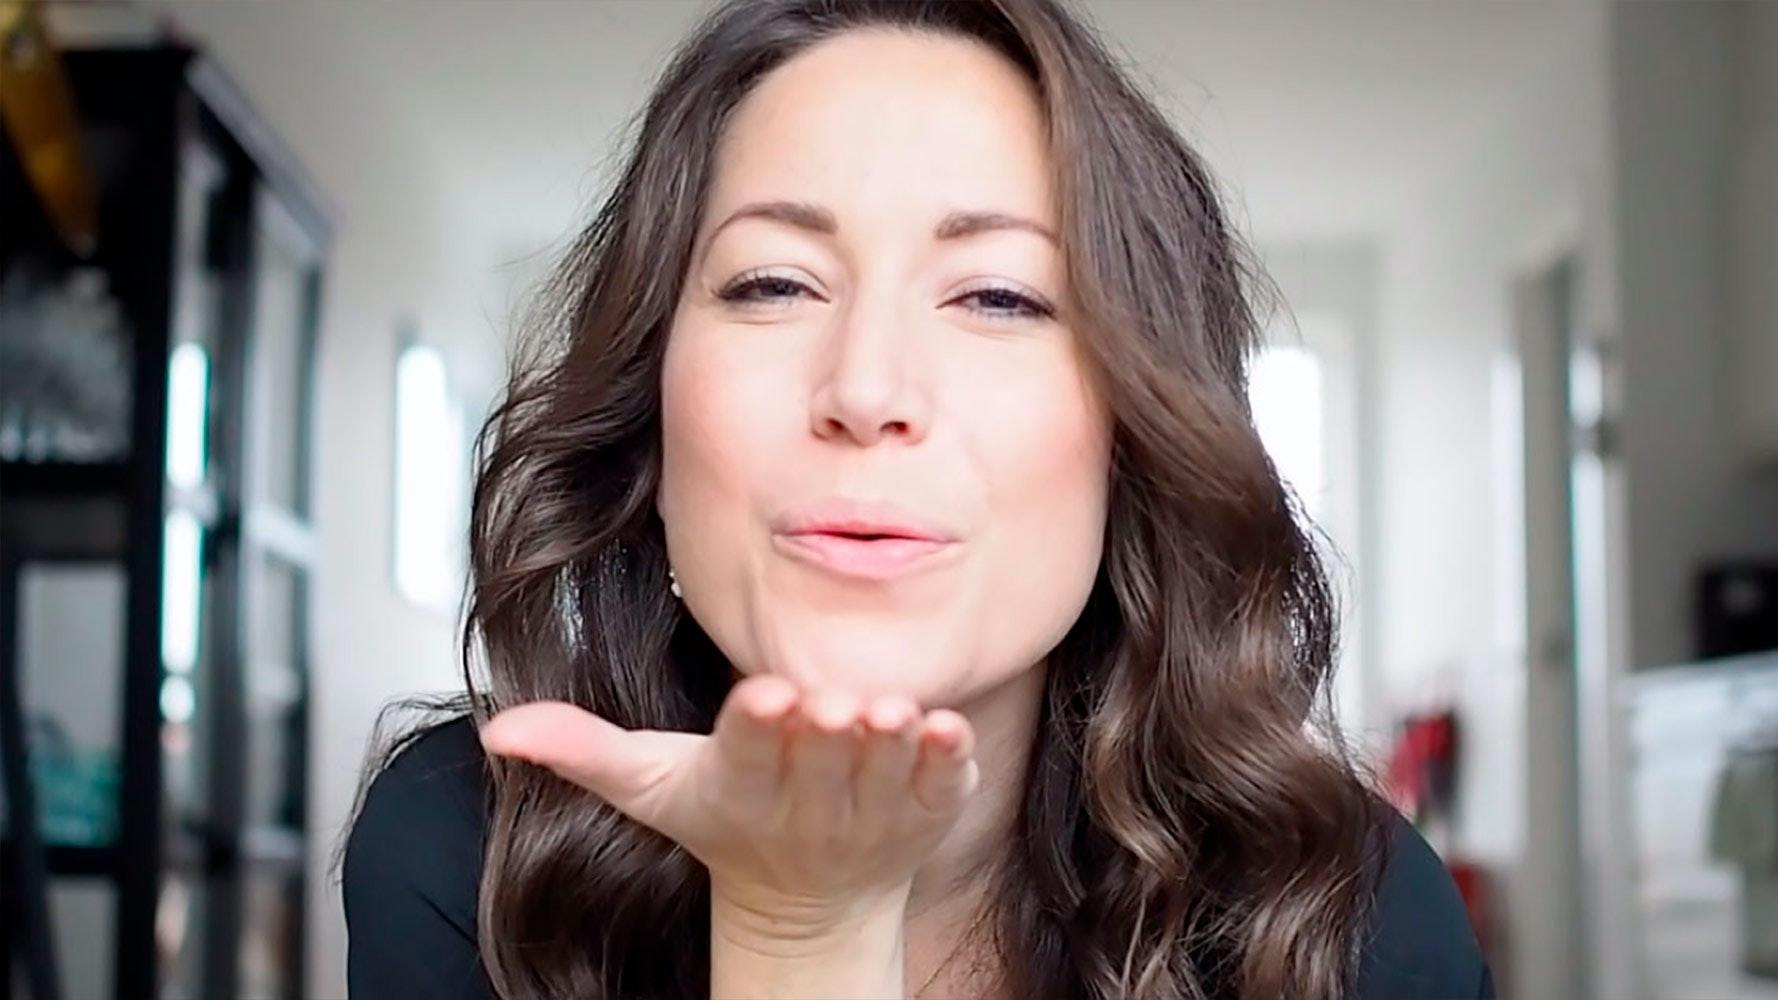 Mød Cana - ærlig mum blogger der vil gøre gøre op med det perfekte liv